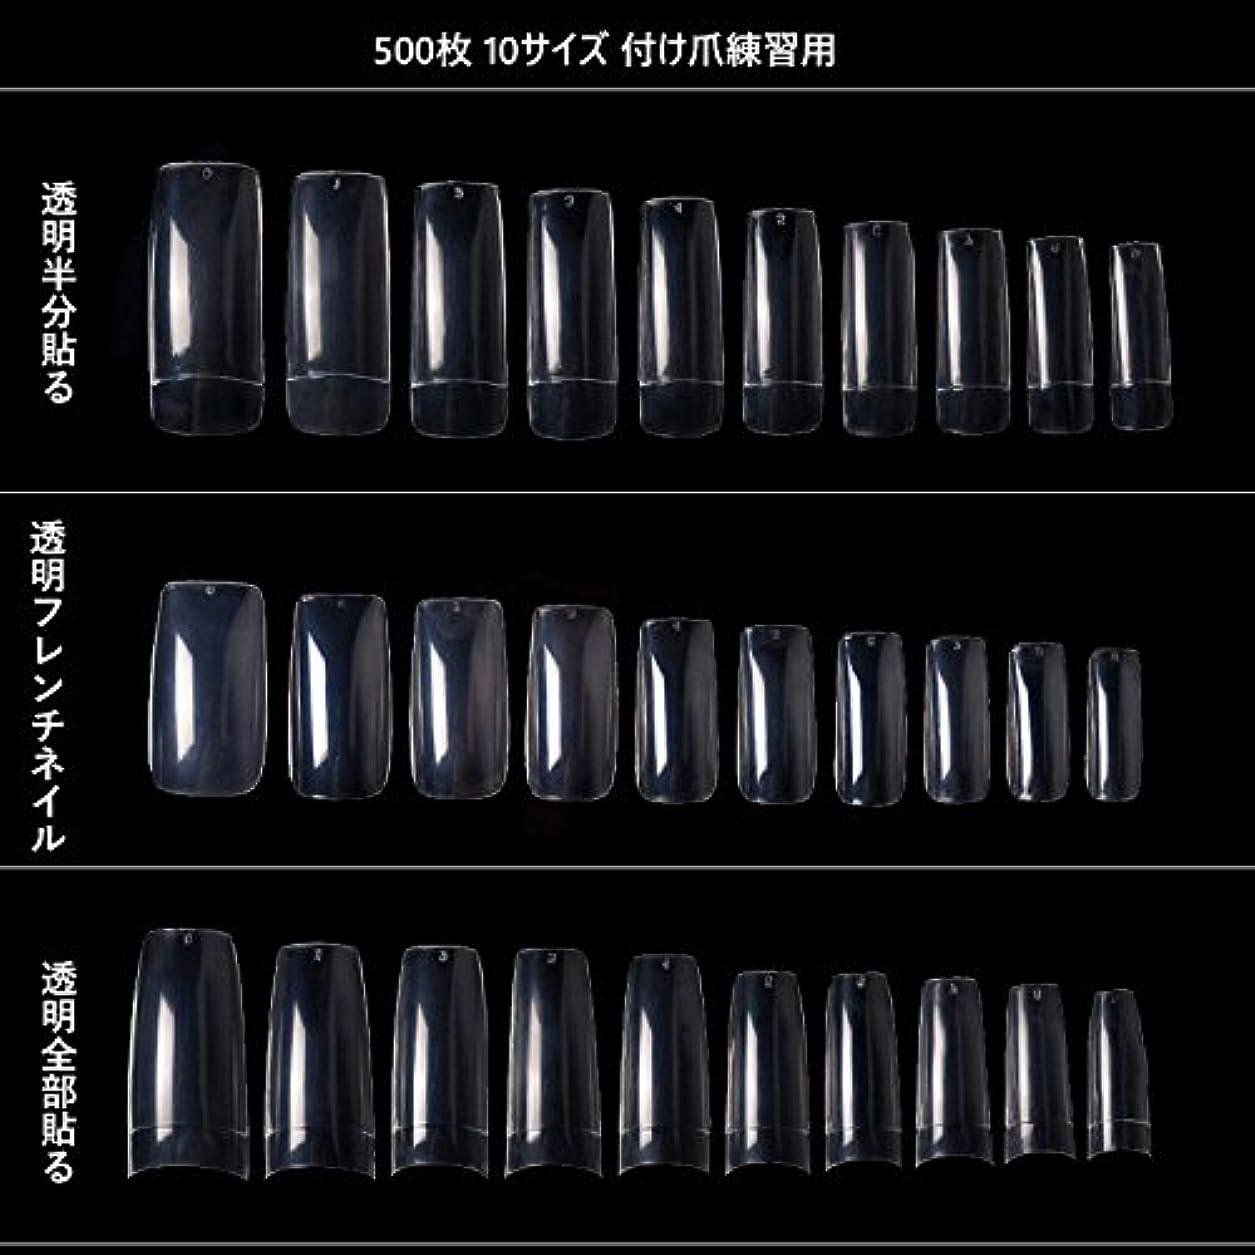 フラフープシンプトン何十人も500枚 10サイズ 付け爪練習用 つけ爪 無地 ロング オーバル ネイルチップ クリア ネイルチップ ロング 付け爪 練習用 透明 (透明フレンチネイル)